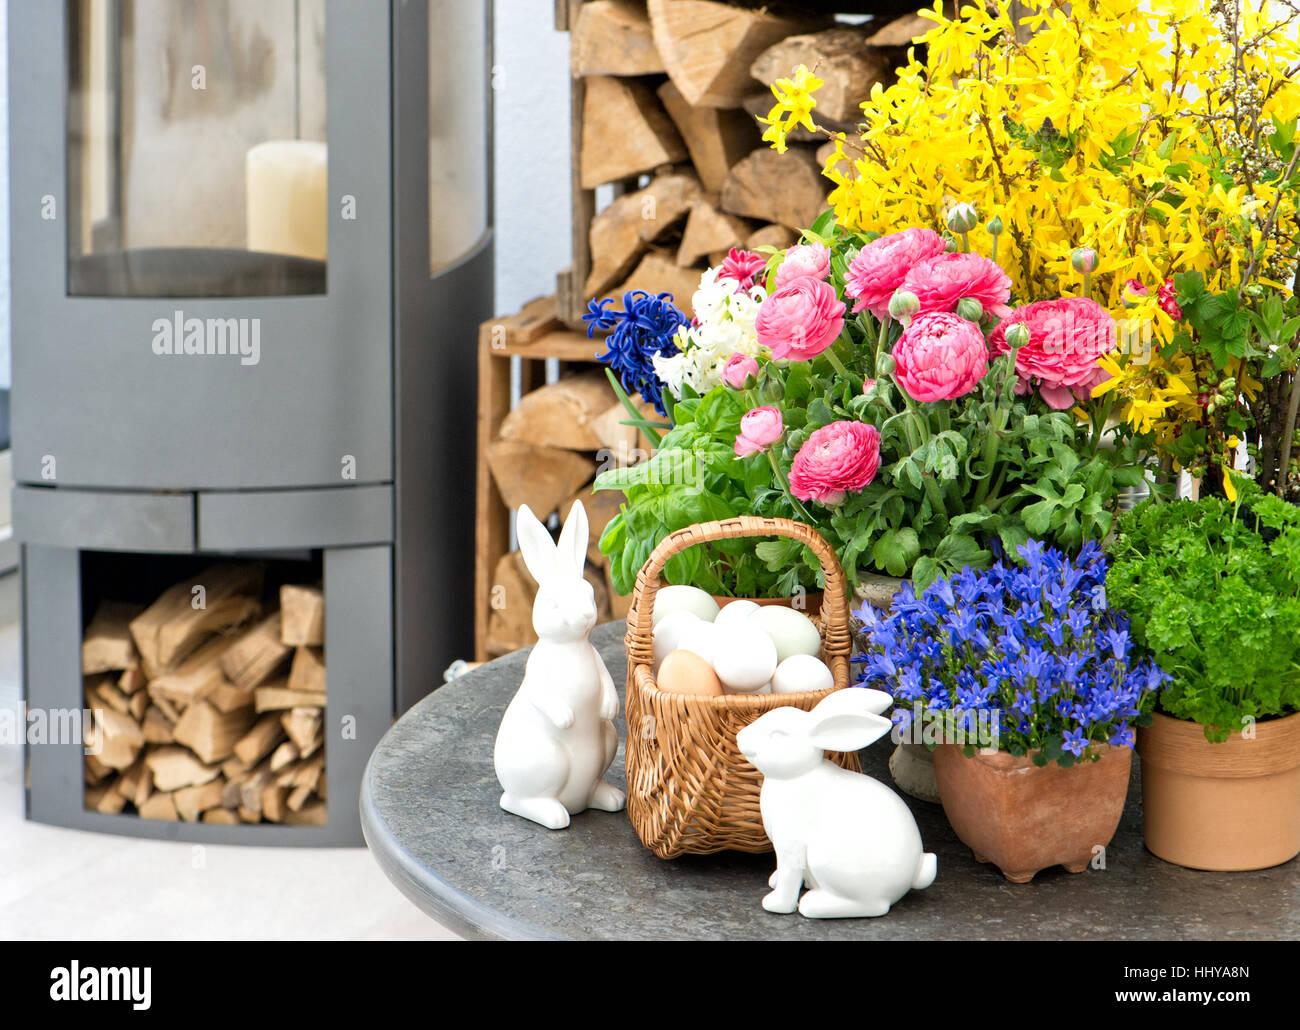 Oster Deko Wohngebaude Mit Fruhlingsblumen Stockfoto Bild